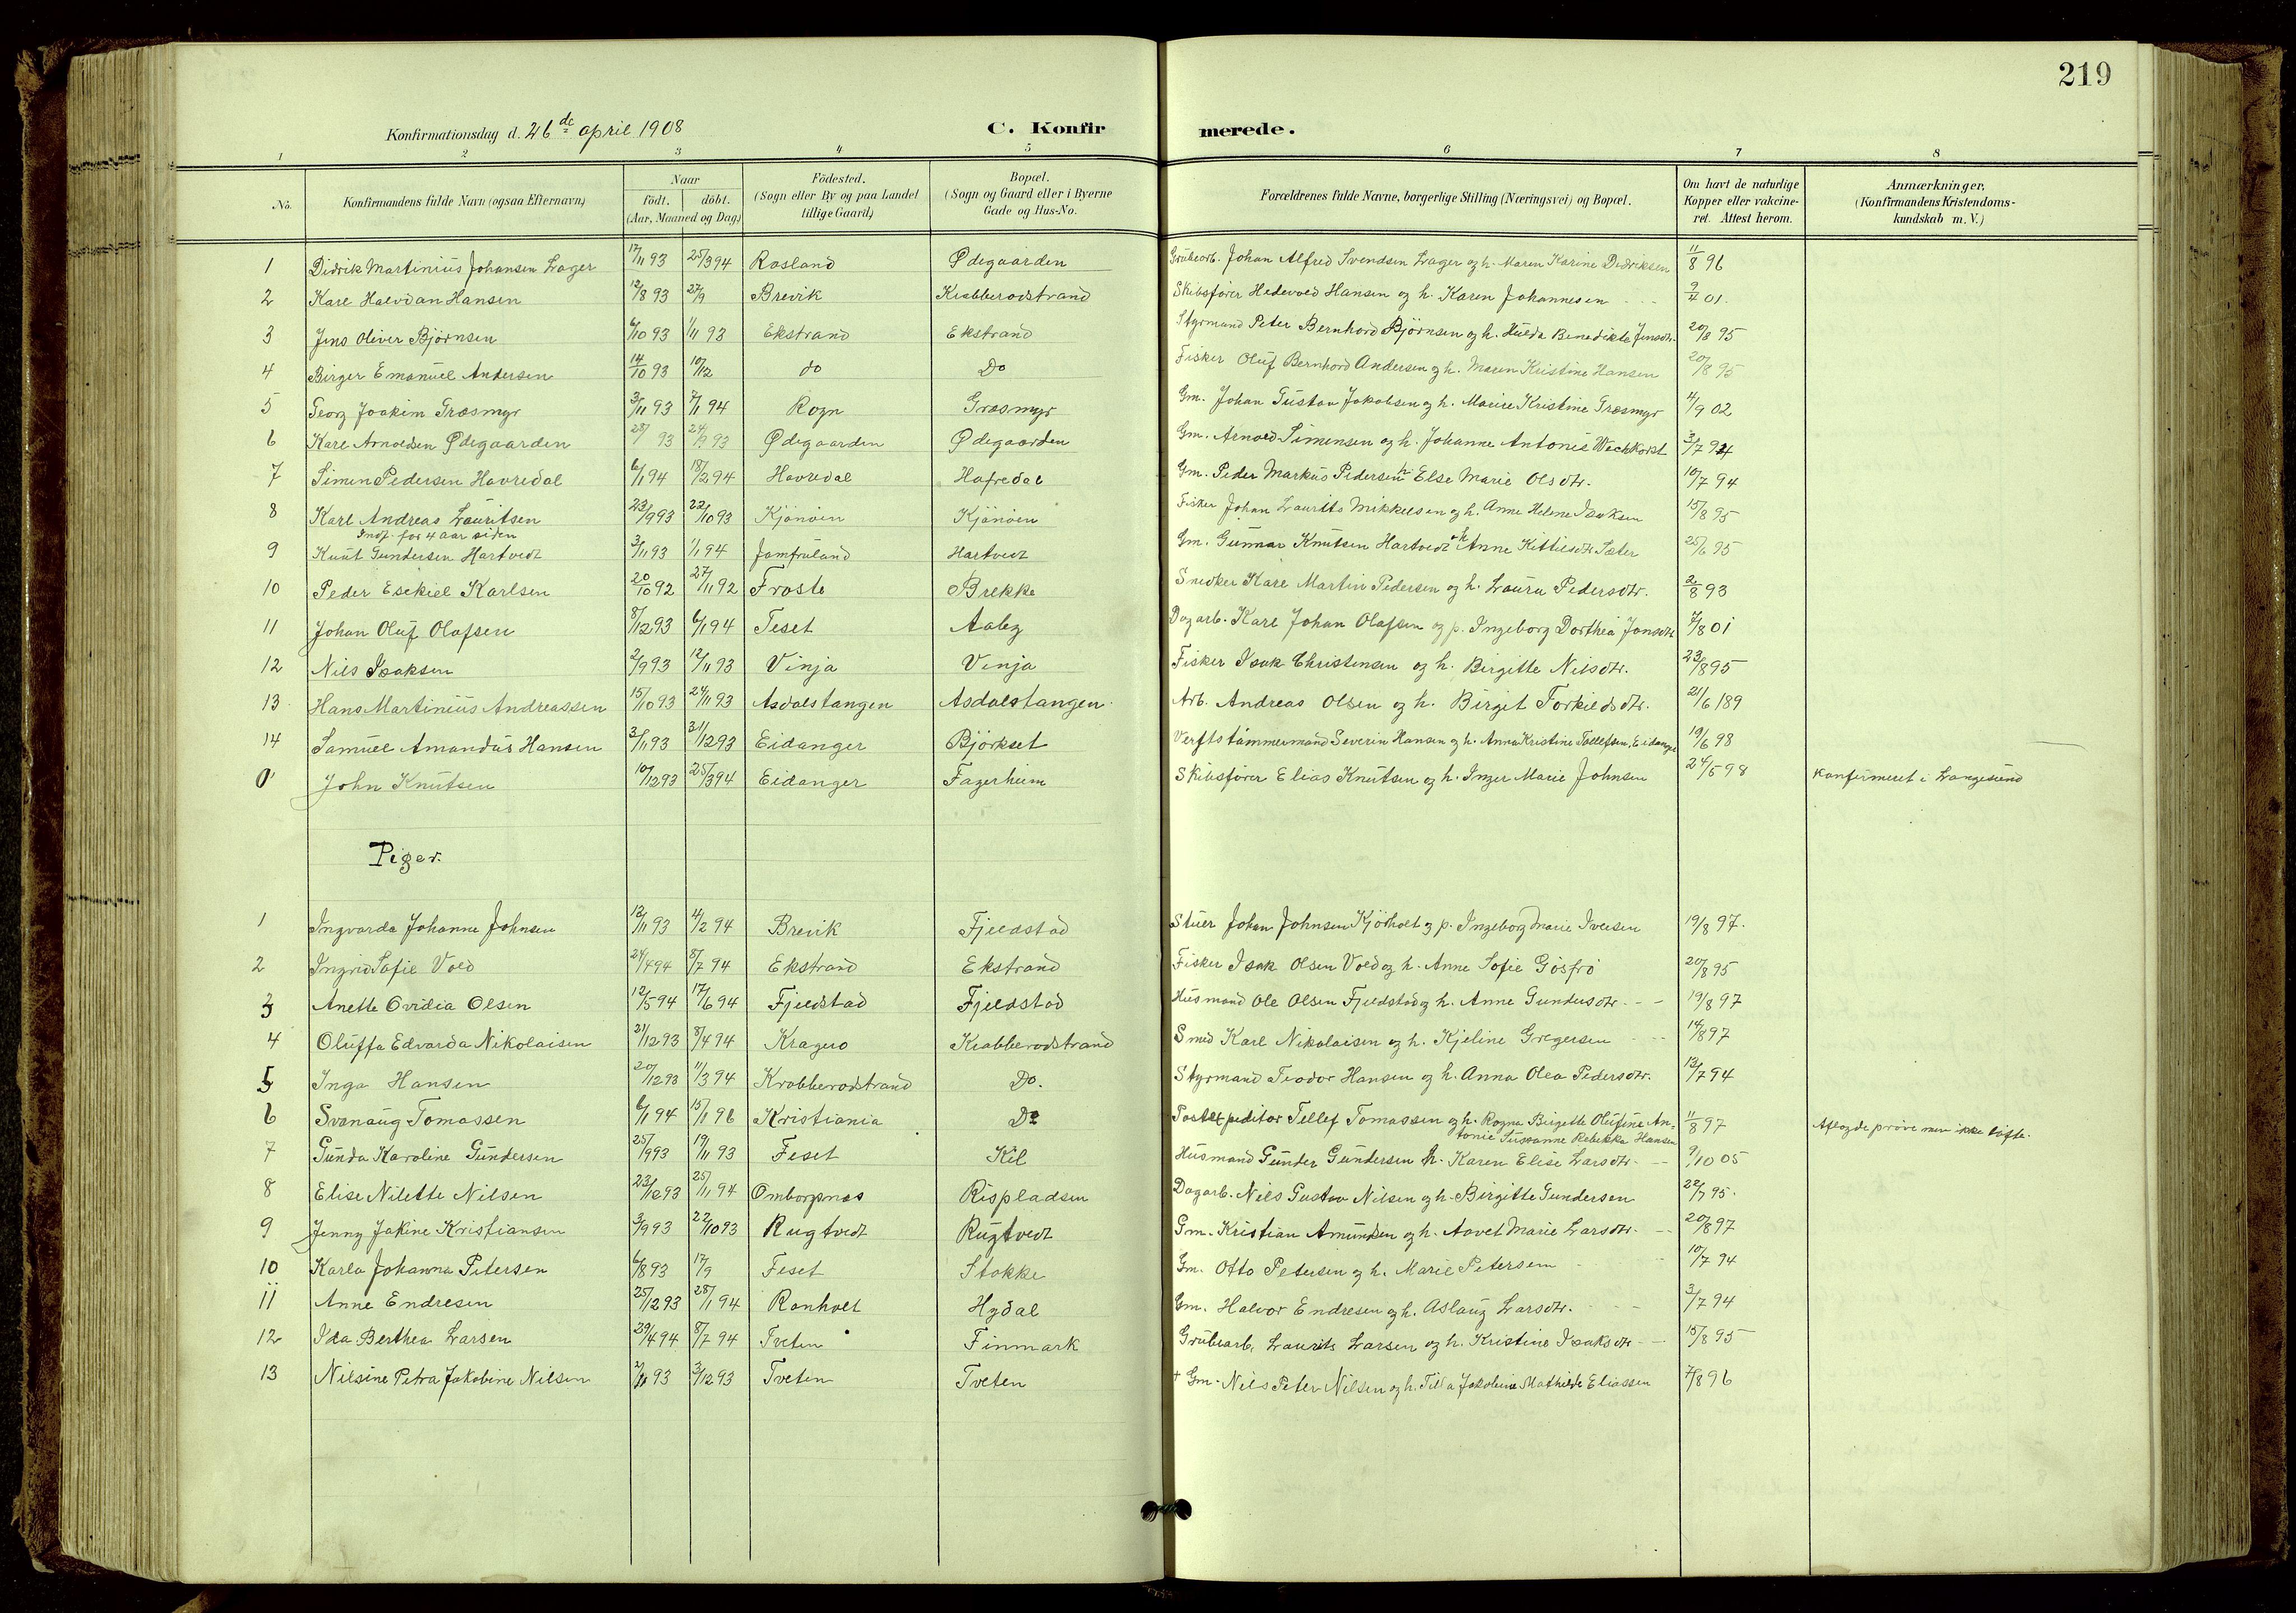 SAKO, Bamble kirkebøker, G/Ga/L0010: Klokkerbok nr. I 10, 1901-1919, s. 219